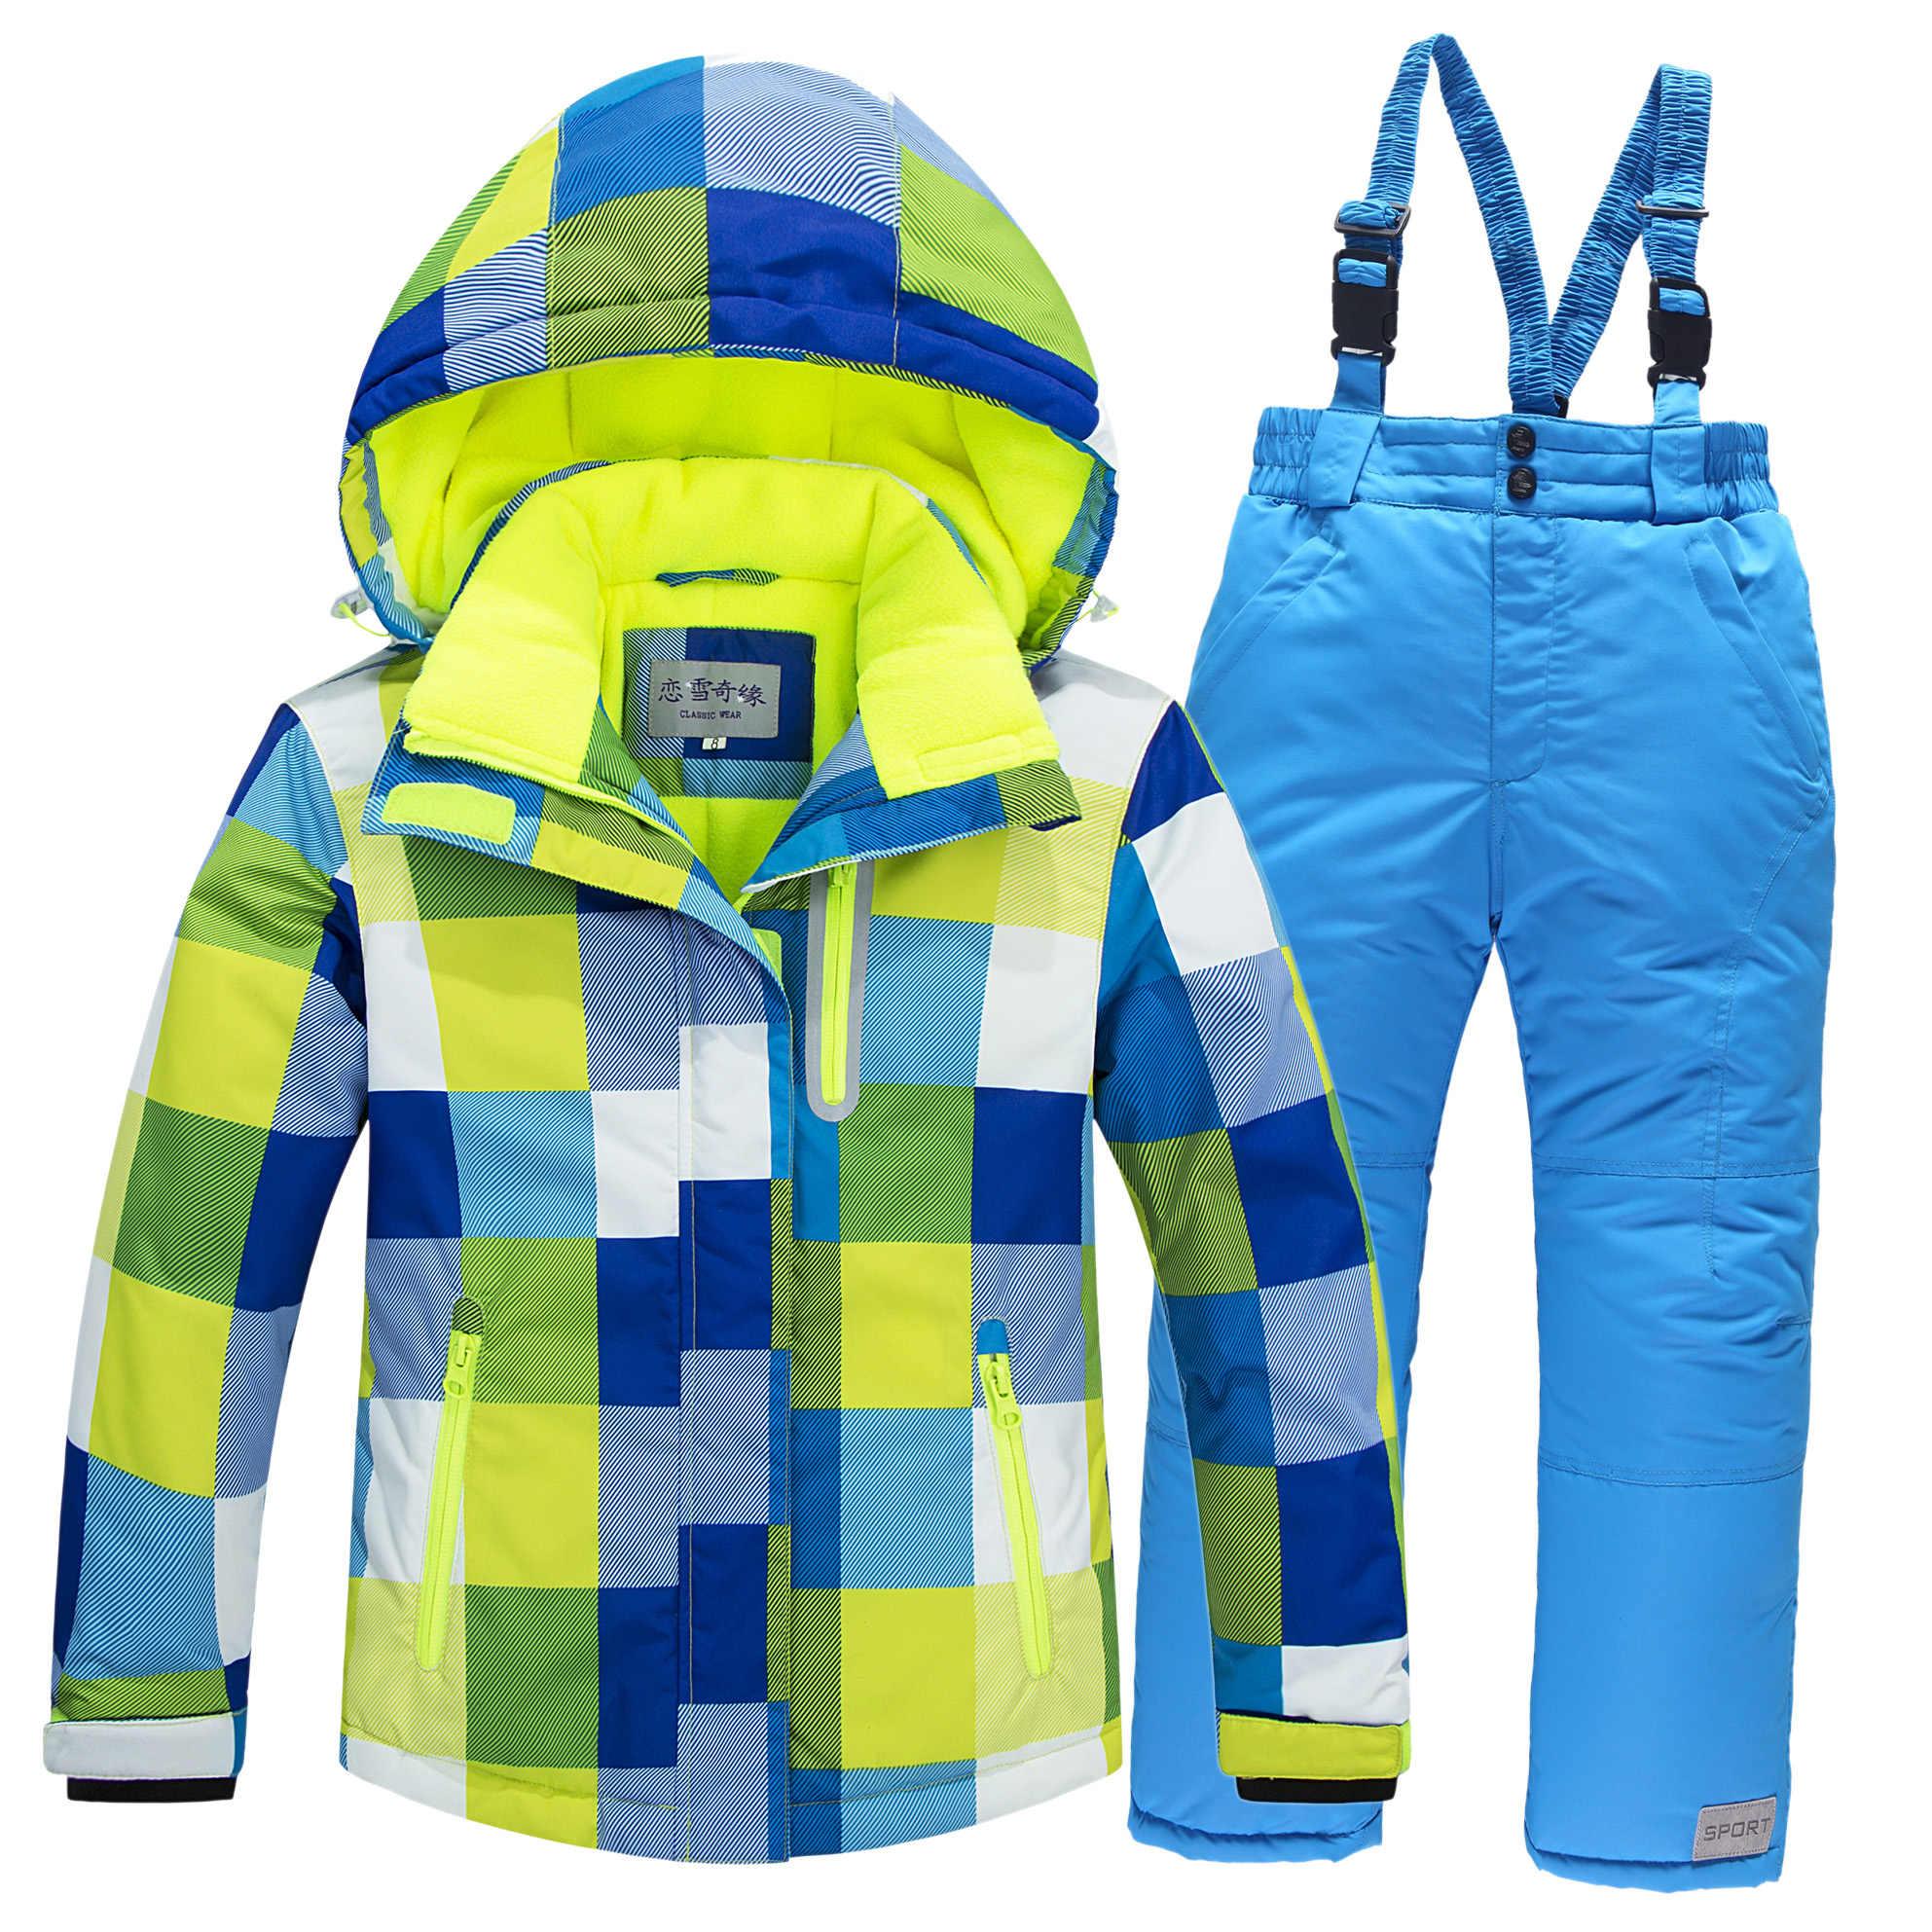 スキースーツの女の子屋外スポーツスノーボードセット少年防水子供服暖かい防風コート大人のスキースーツのジャケット